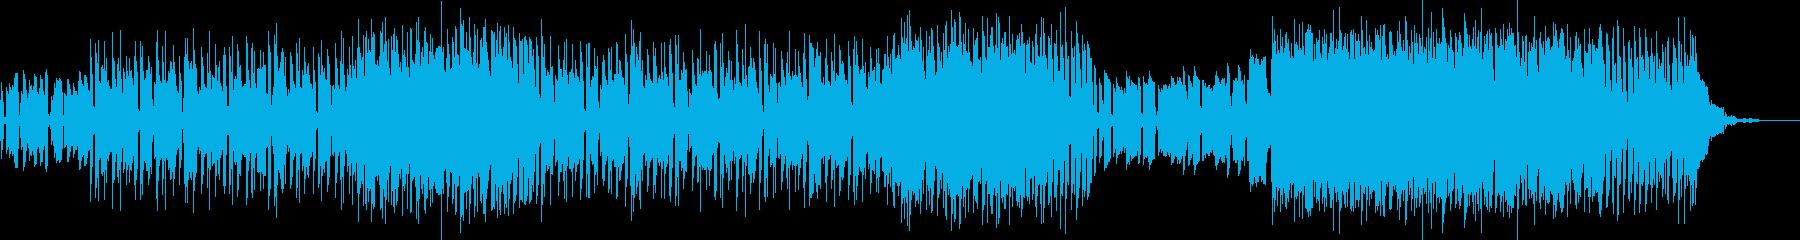 ヘヴィロック サスペンス 繰り返し...の再生済みの波形